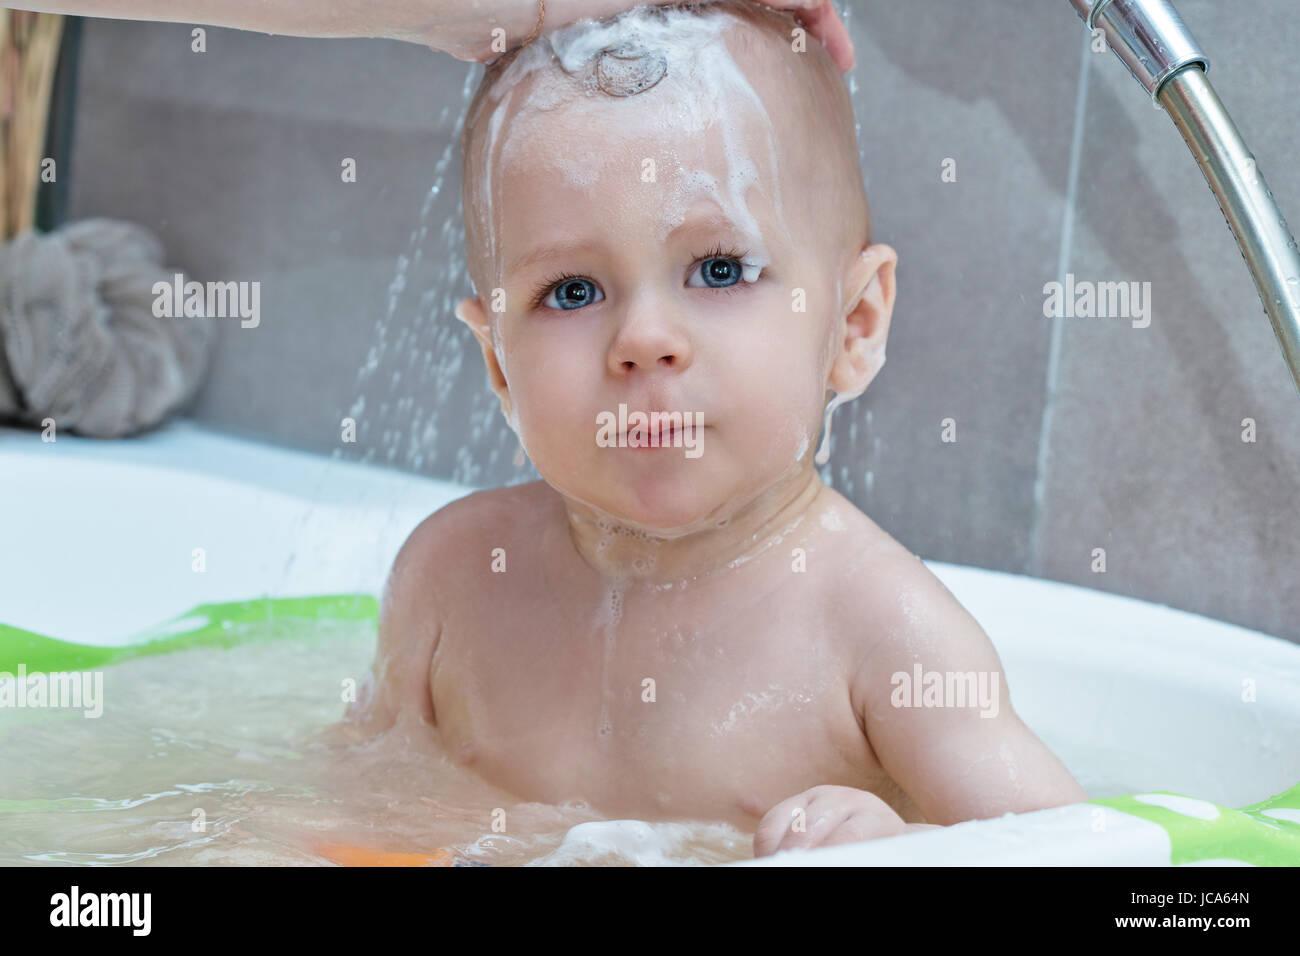 Vasca Da Bagno Bambini : La madre del bambino di lavaggio nella vasca da bagno con shampoo